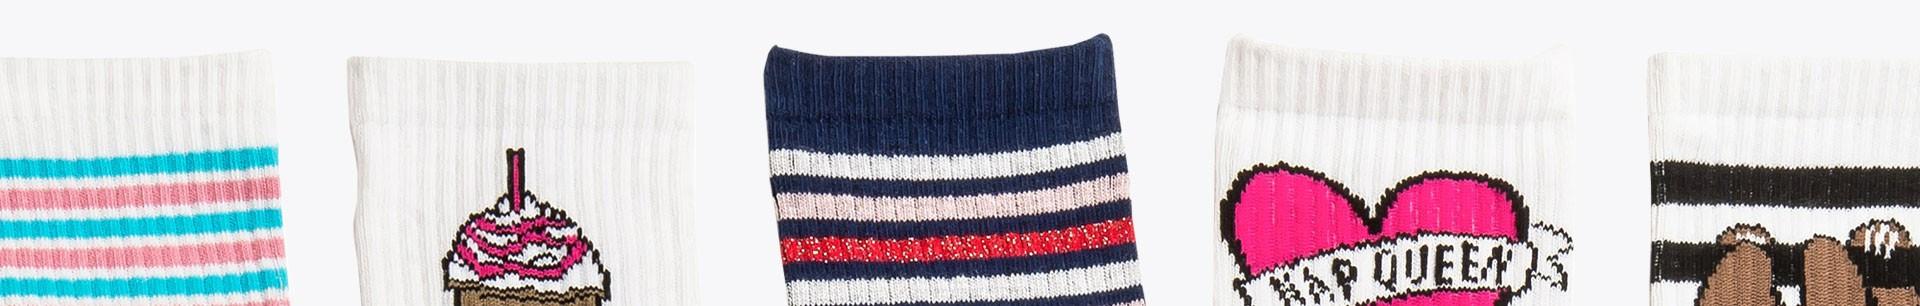 Women's Sport Socks | SockShop WildFeet